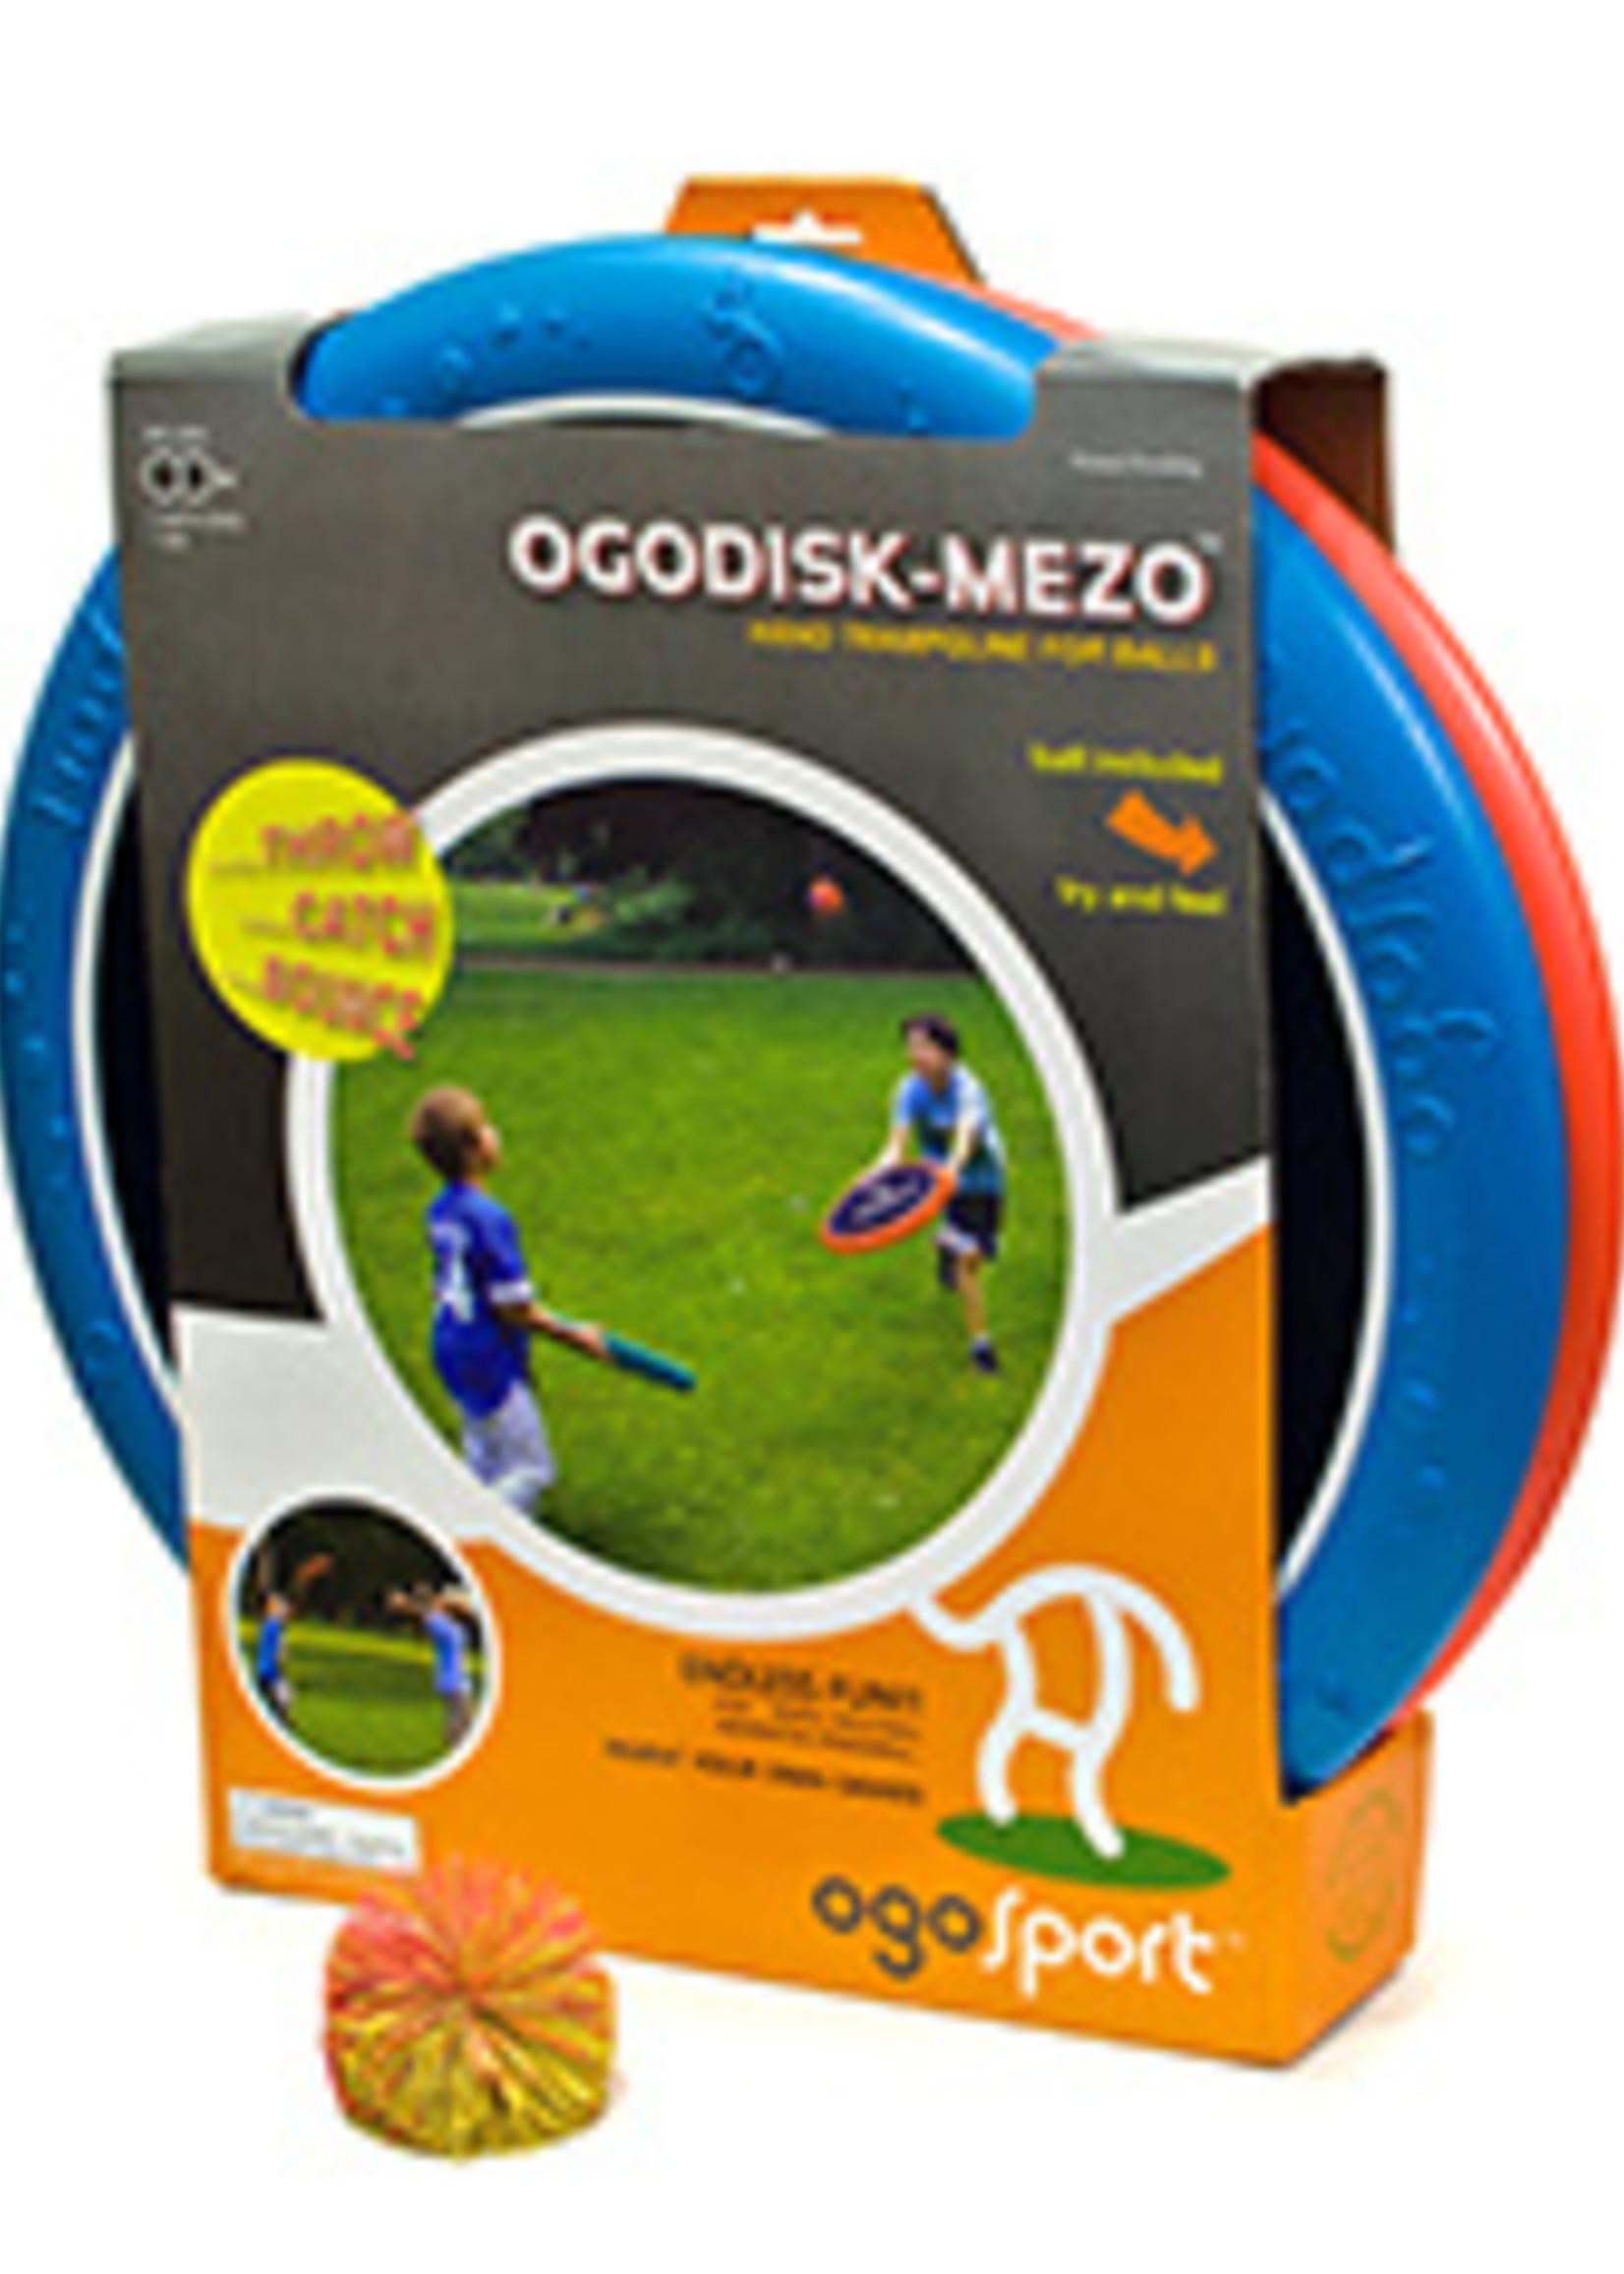 Ogo Sport Ogodisk-Mezo